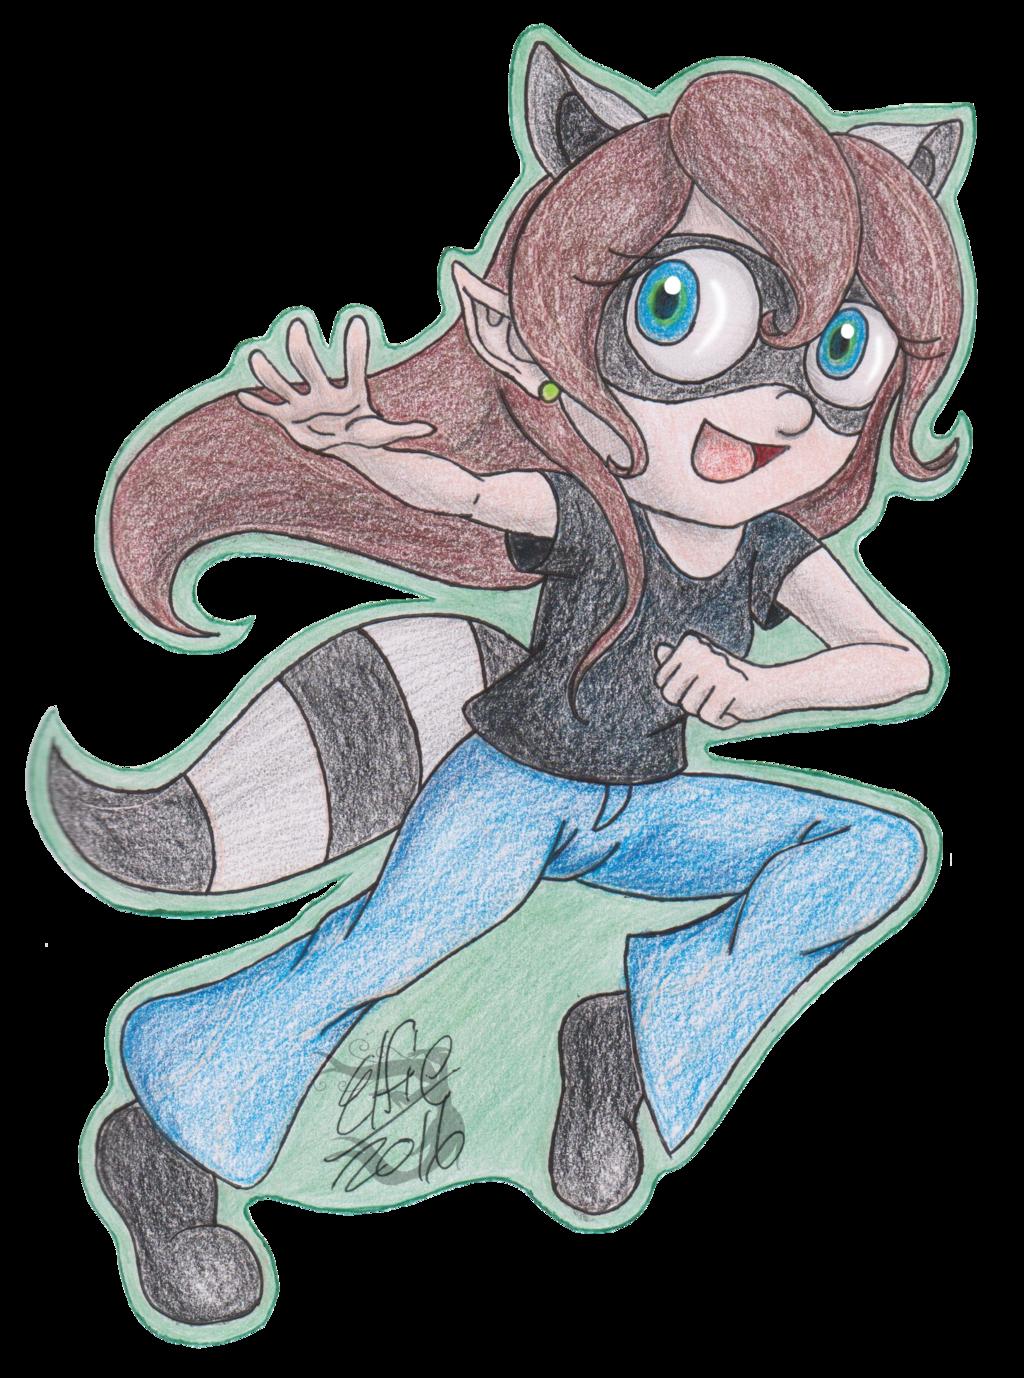 Here's Elfie!